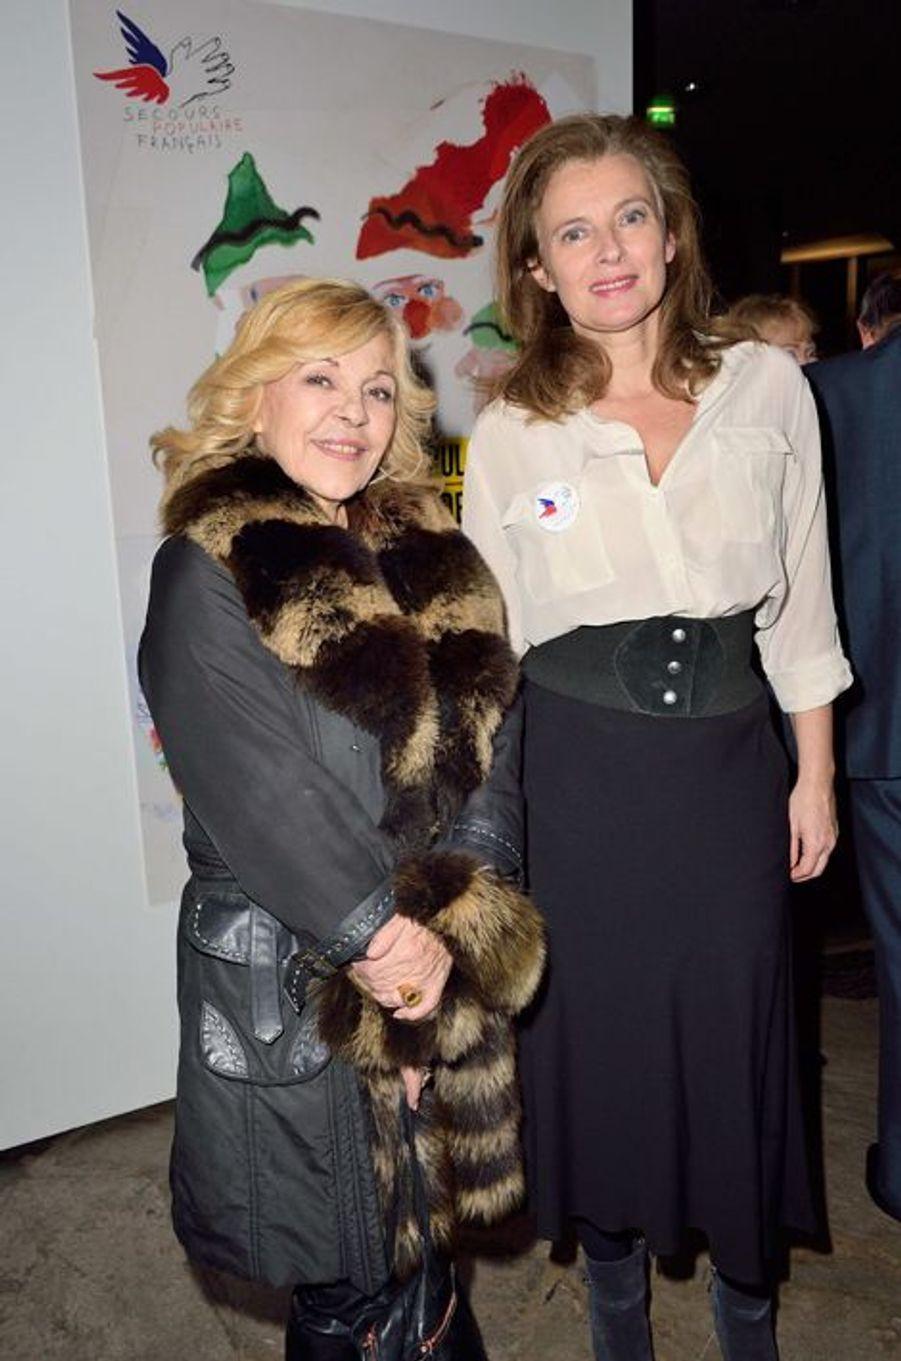 Nicoletta et Valérie Trierweiler à Paris le 8 décembre 2014